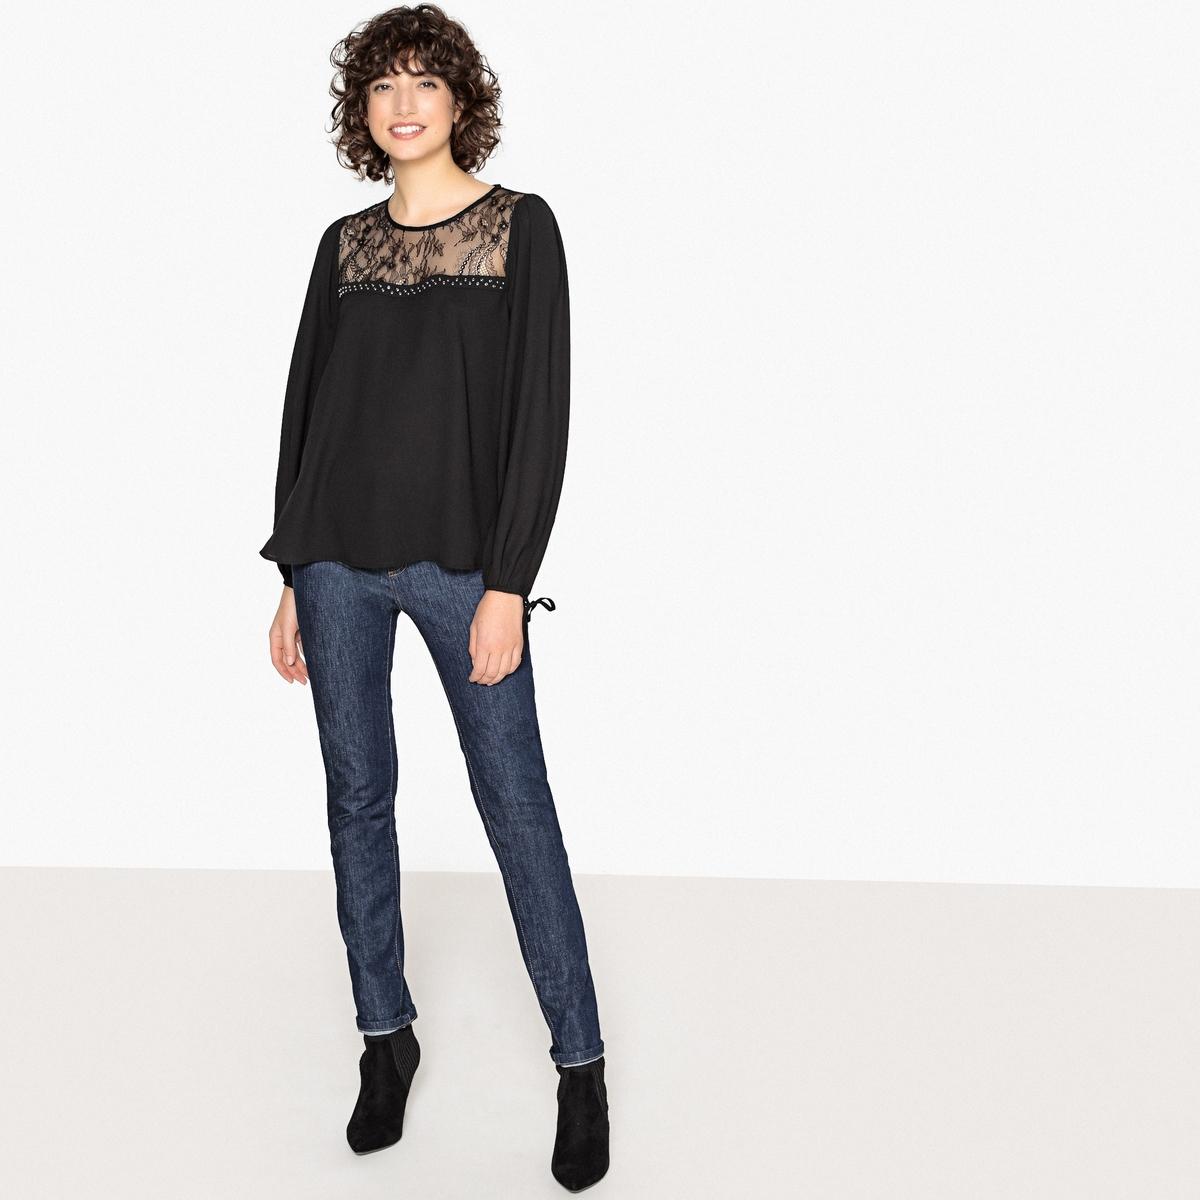 Imagen secundaria de producto de Blusa con cuello de encaje y cordones en los bajos - Pepe Jeans